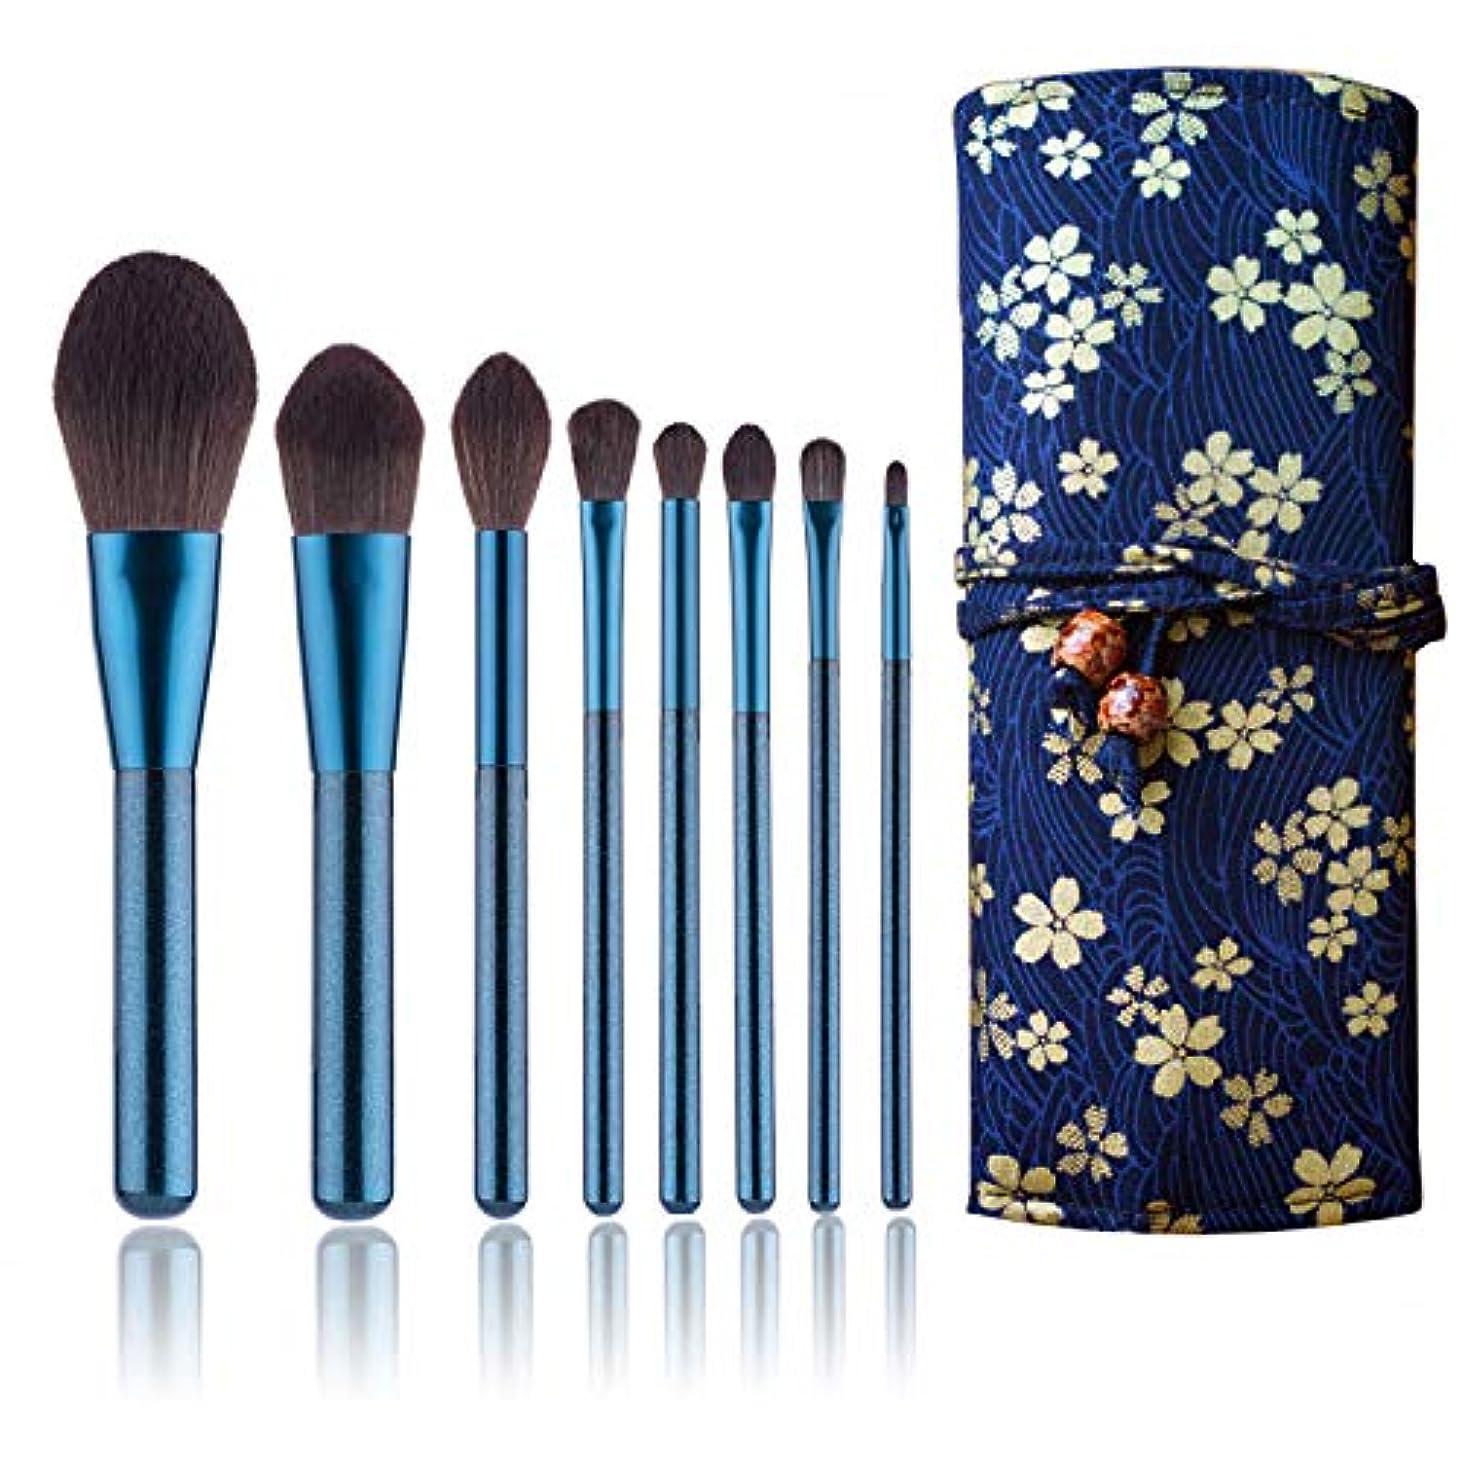 節約するドックサーマルZOE·Y メイクブラシ 8本セット 化粧ブラシ 柔らかい 化粧筆 可愛い 化粧ポーチ付き 携帯便利 誕生日プレゼントゃギフトにもおすすめ makeup brushes